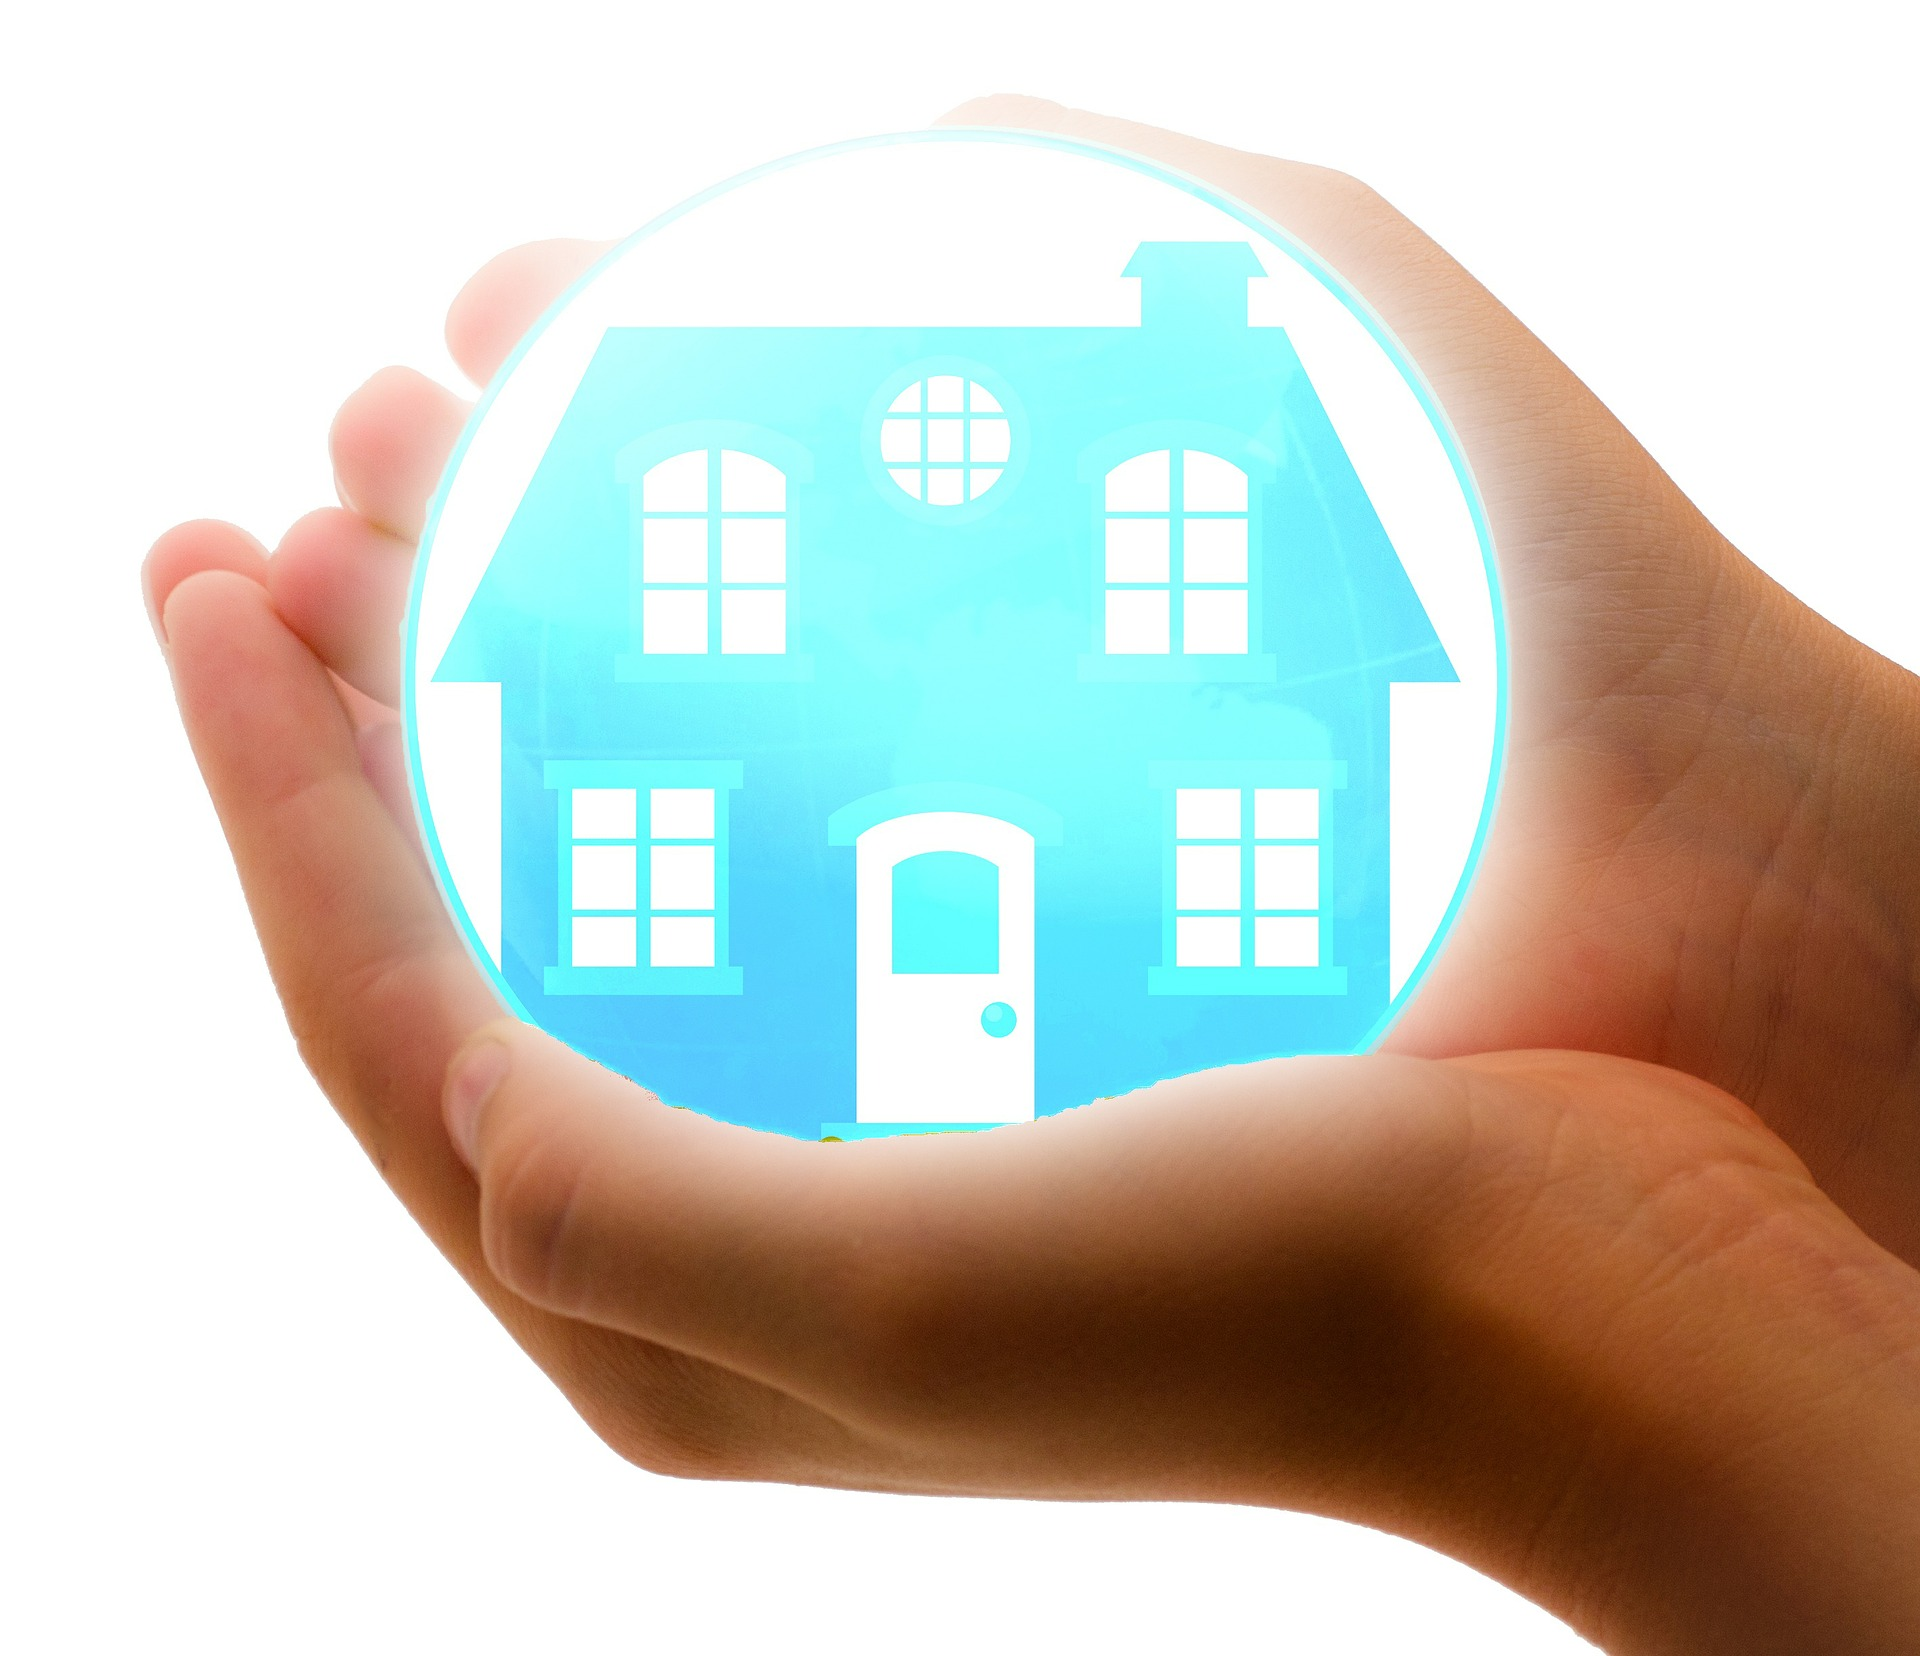 Rekomendacja U  – zmiany w ubezpieczeniach dołączanych do kredytów